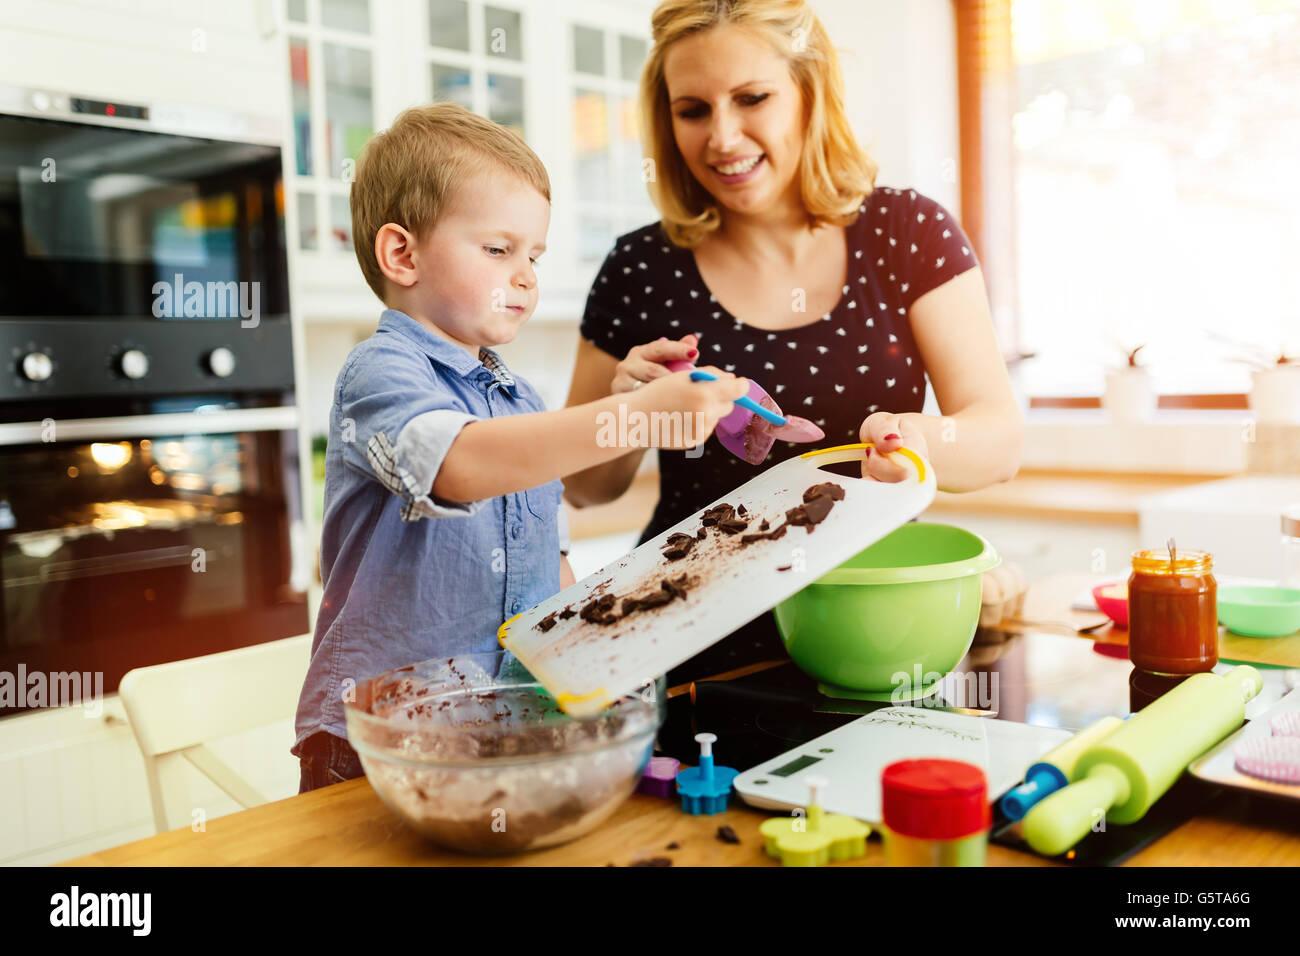 Bel bambino e la madre la cottura in cucina con amore Immagini Stock